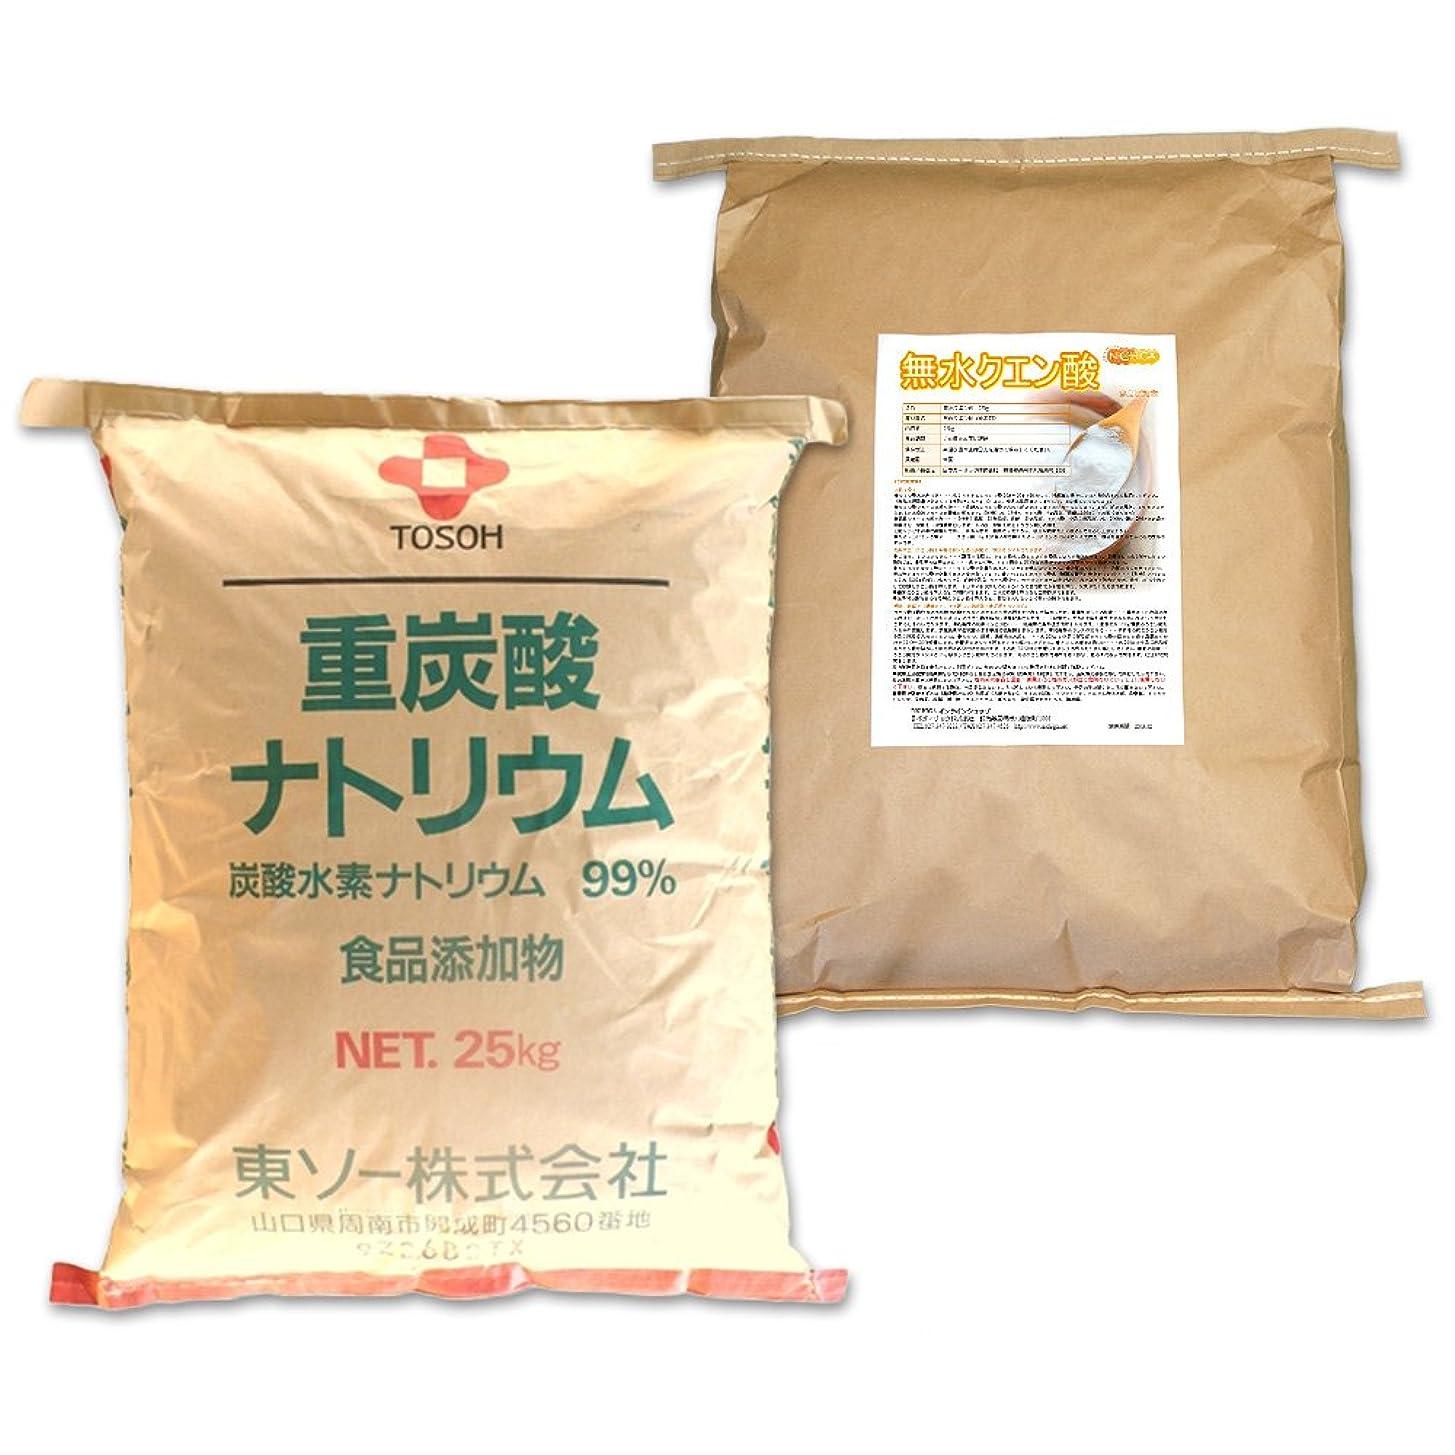 透ける設計ジャニス国産重曹(東ソー)25kg + 無水クエン酸25kg セット [02] 【同梱不可】 NICHIGA(ニチガ)